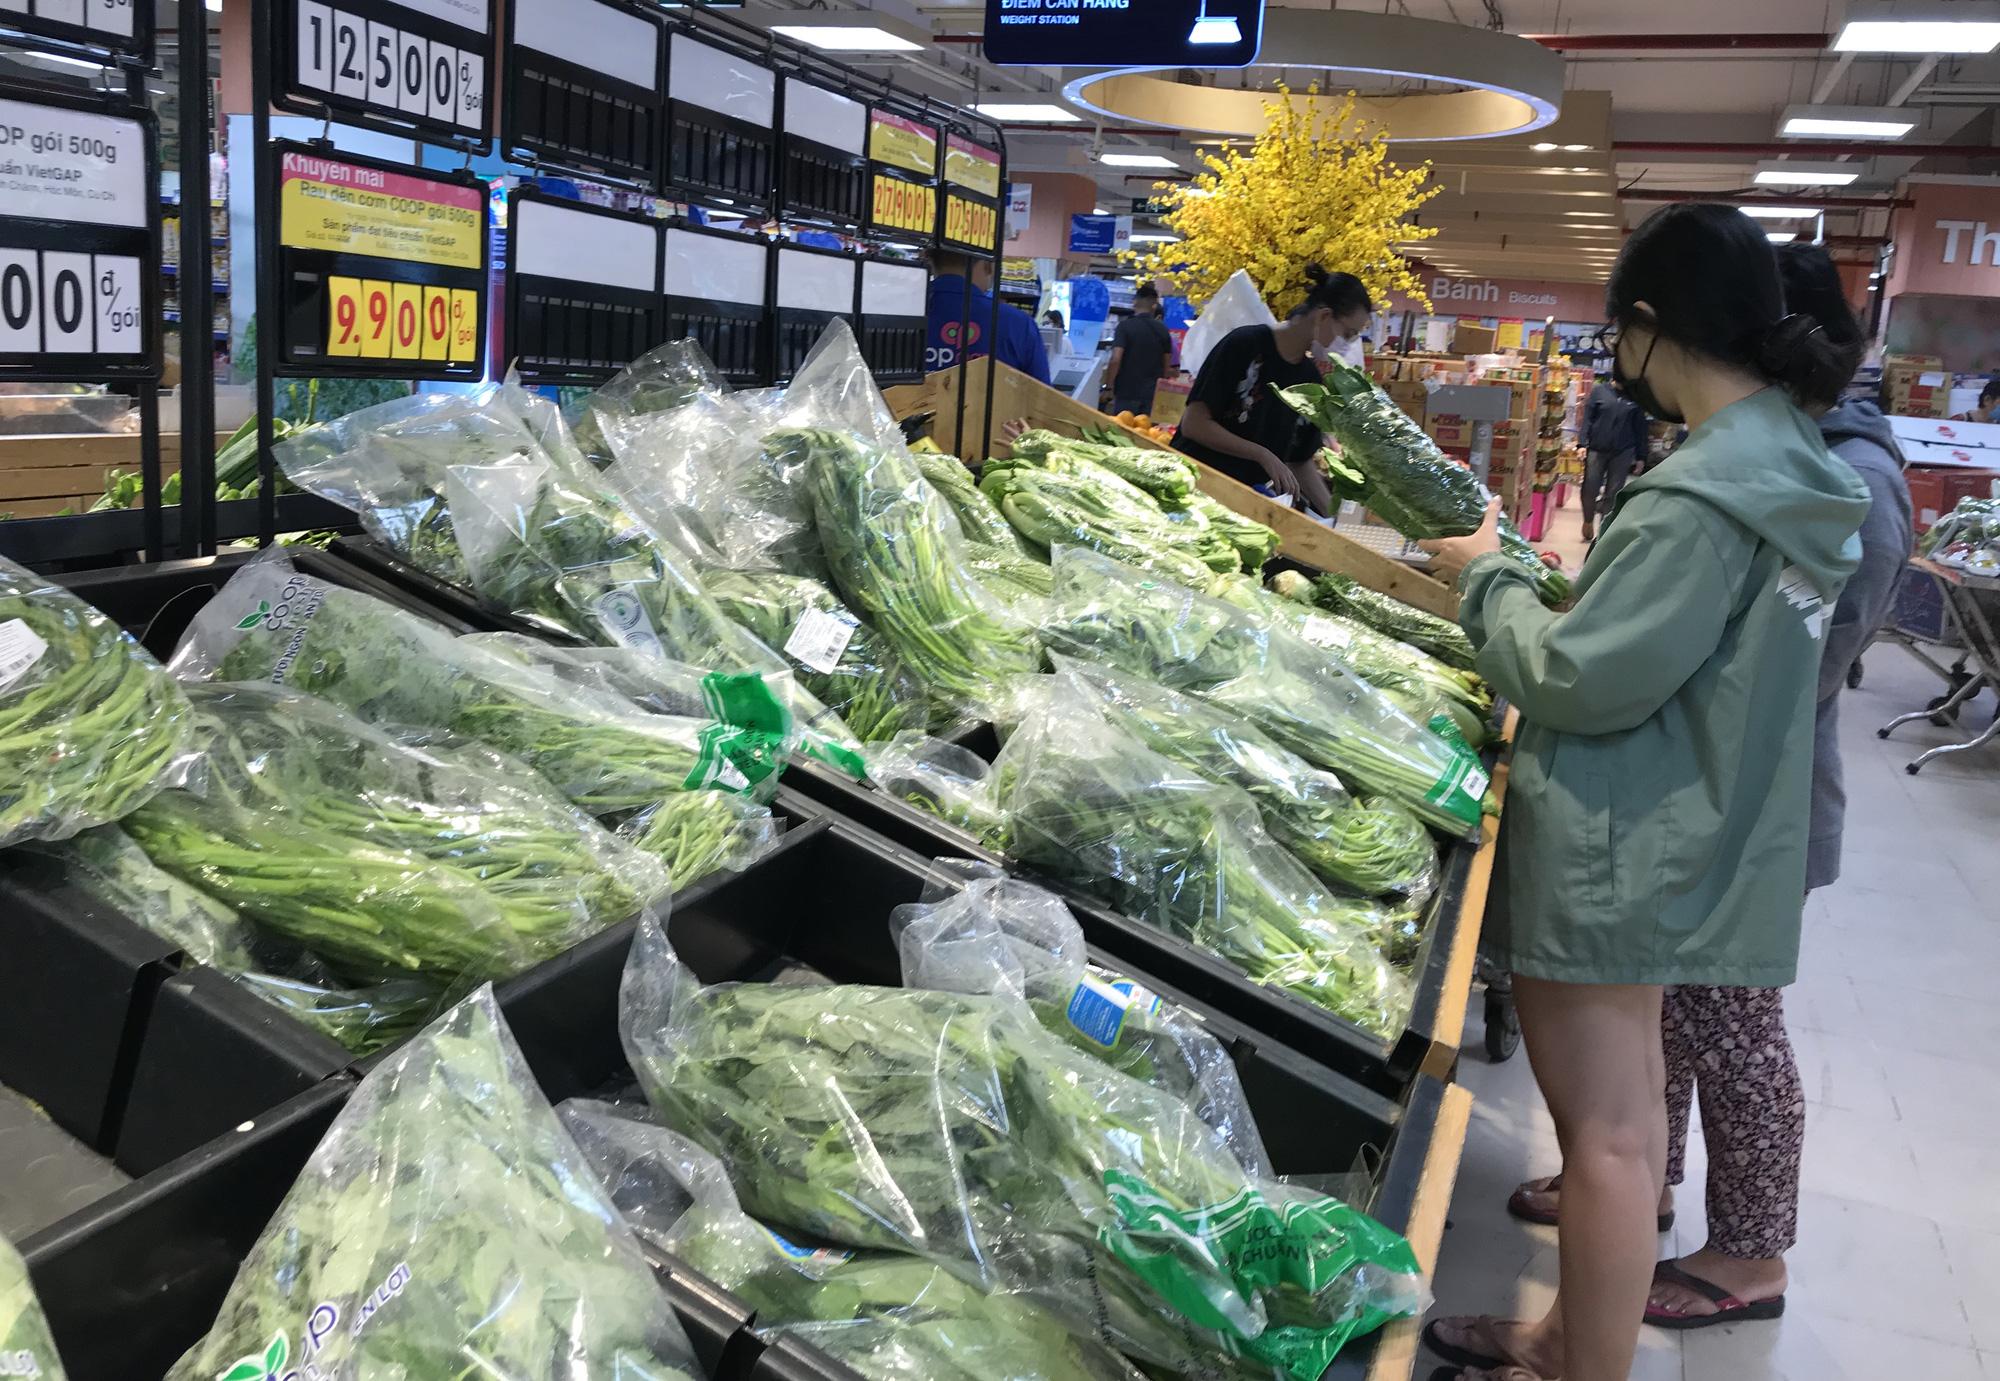 3 kịch bản cung ứng thực phẩm cho người dân TP HCM, Co.opmart tuyên bố bán đủ hàng dự trữ cả tuần lễ - Ảnh 1.